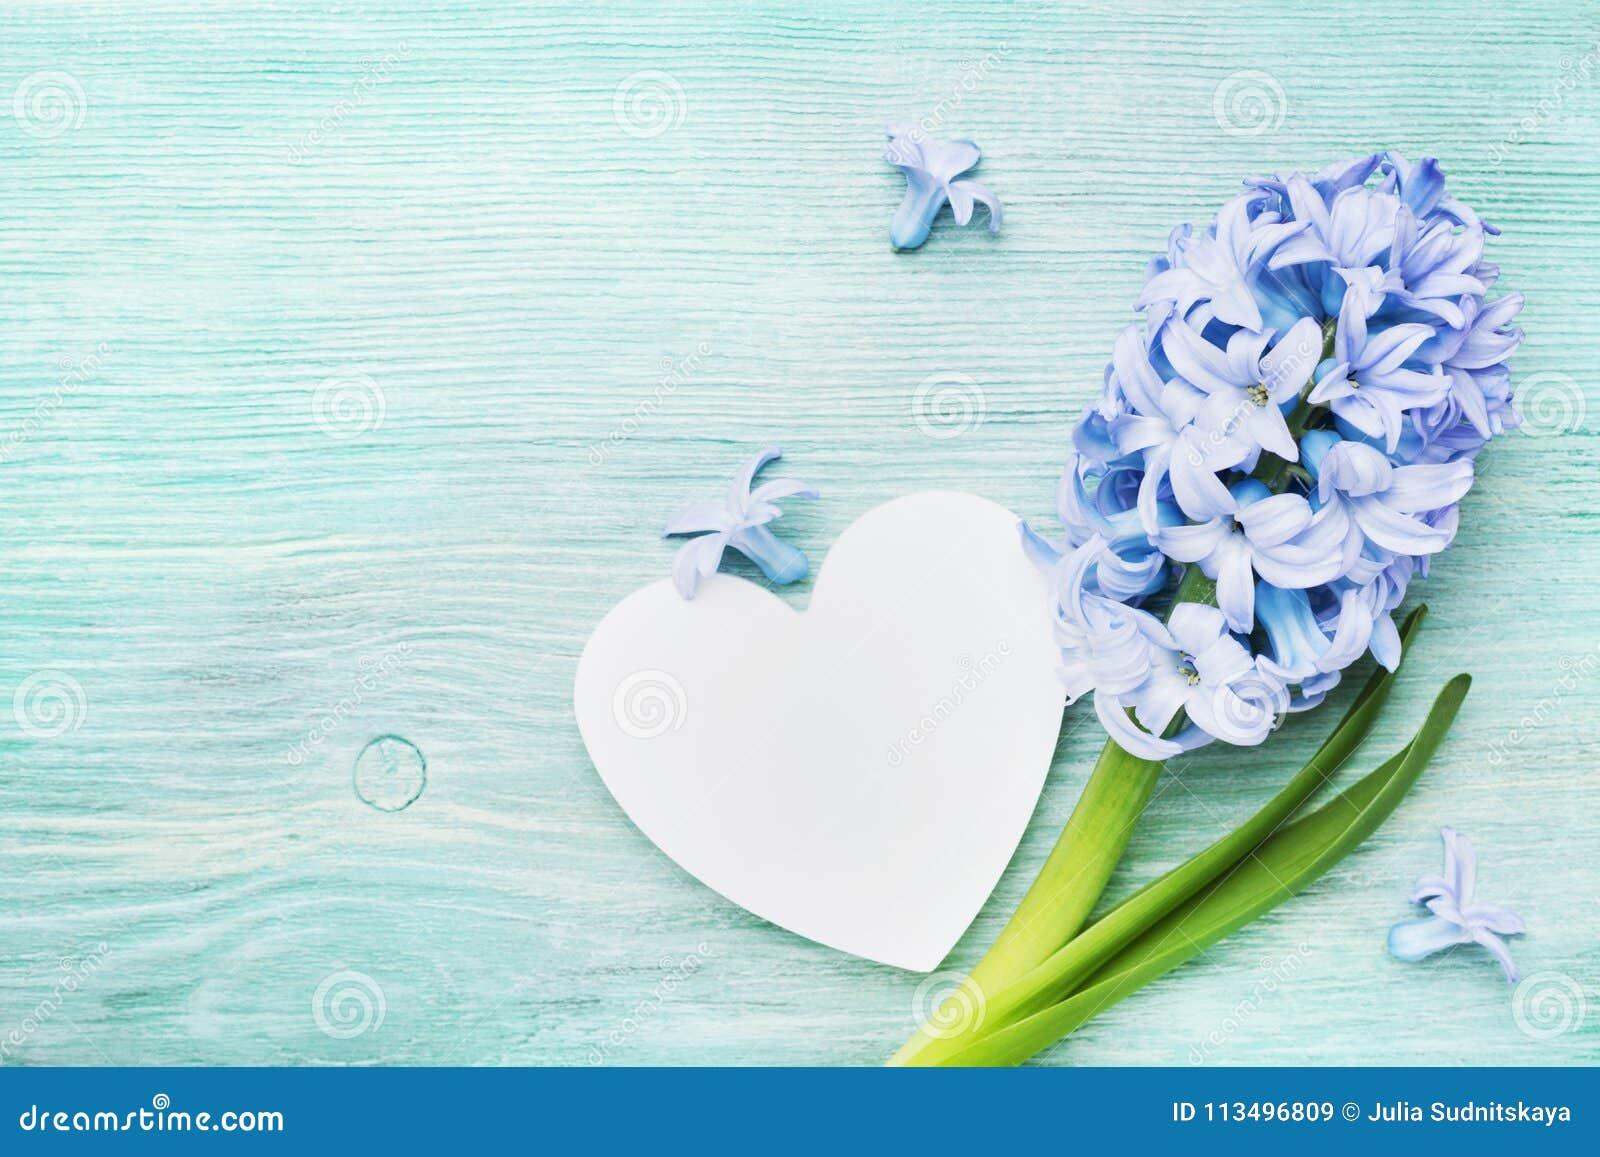 Cartão festivo da mola no dia de mães com flores do jacinto e opinião superior do coração de madeira branco Estilo do vintage